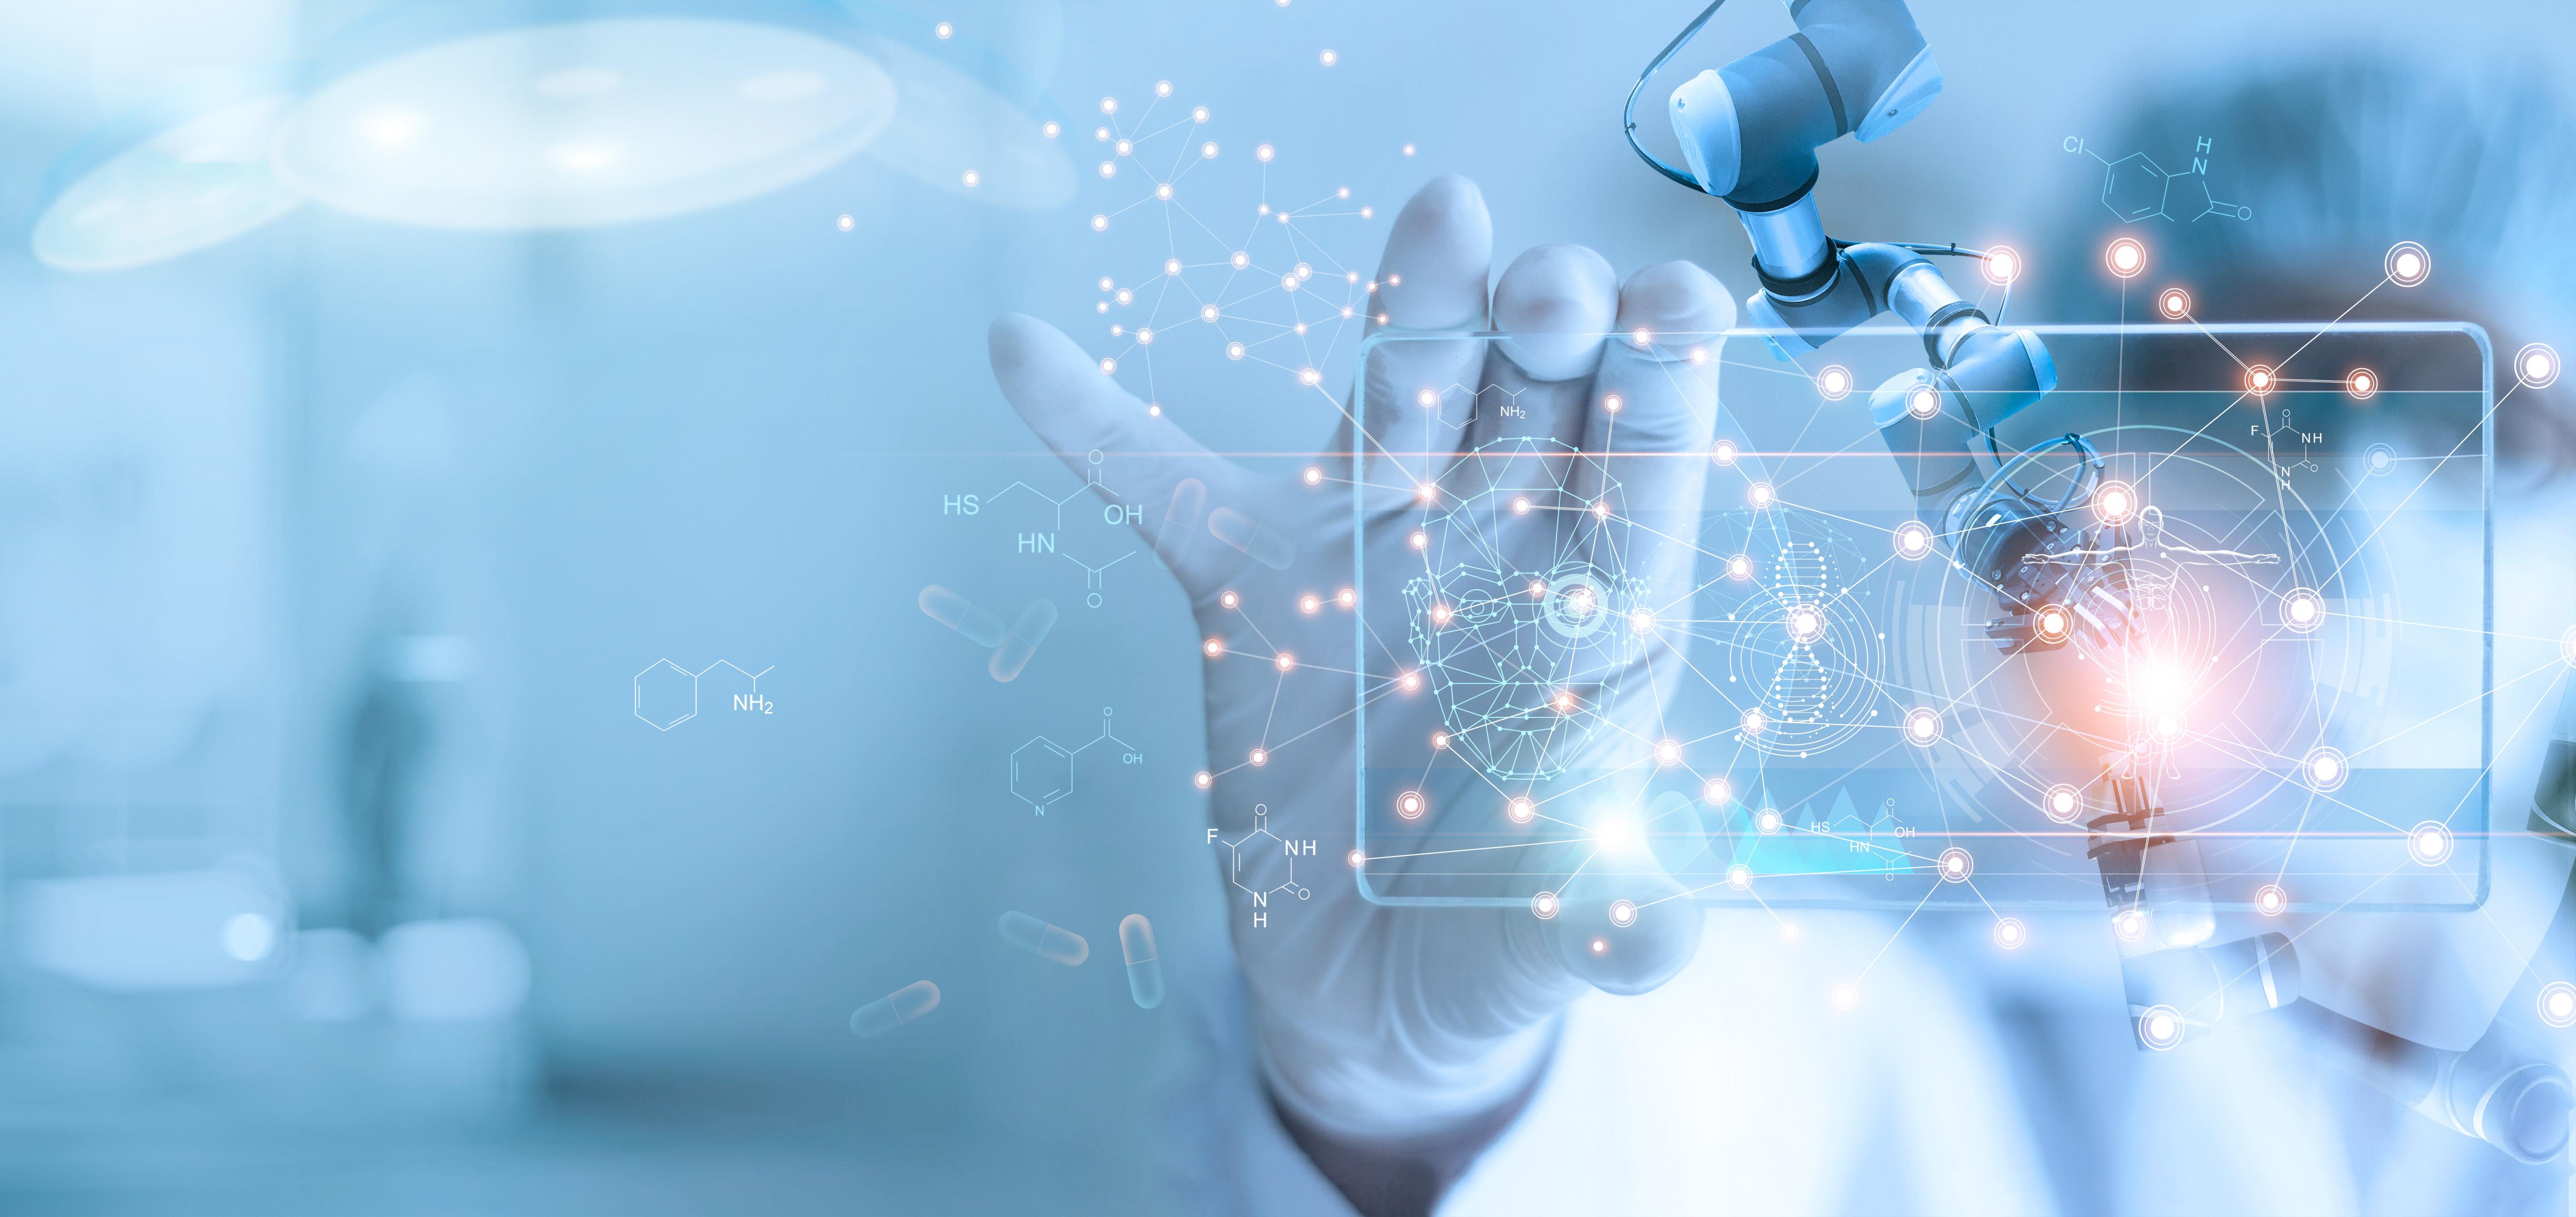 Développé à partir du plus large ensemble de données cliniques à ce jour et basé sur l'apprentissage automatique systématique, ce modèle de prédiction atteint une précision de 91% (Visuel Adobe Stock 300546901).